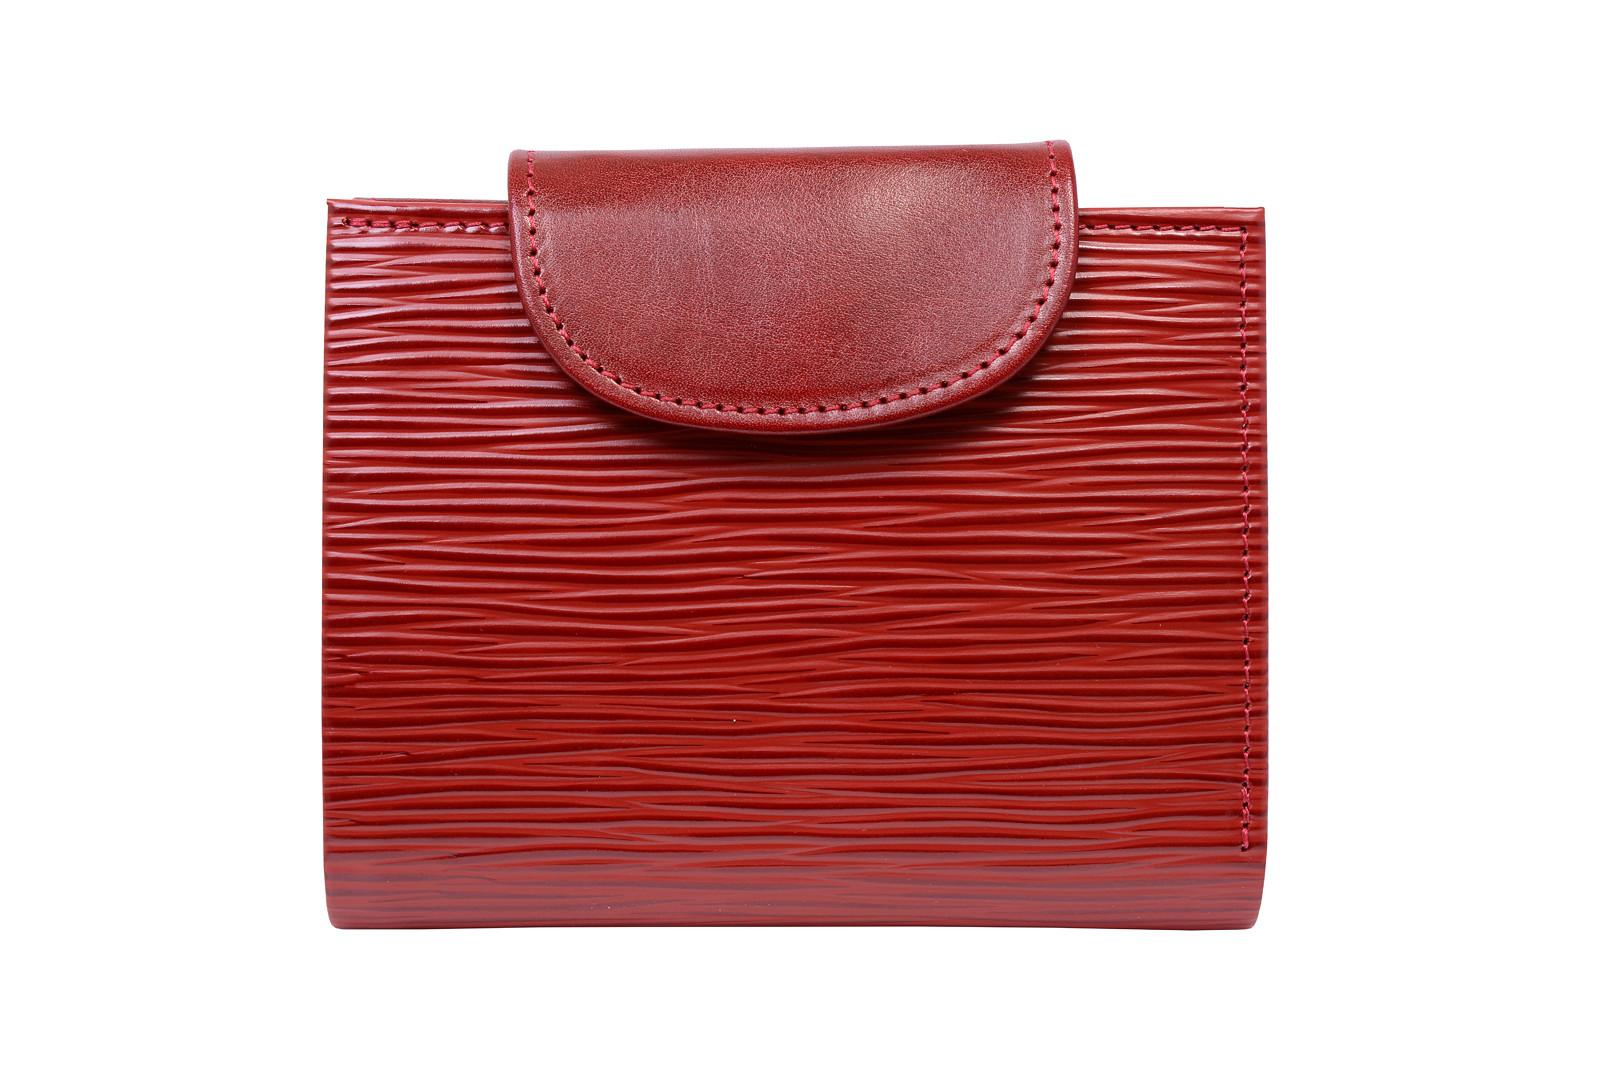 kožená peněženka (červená- vroubky)   Zboží prodejce VerosHajn  026ccd697b